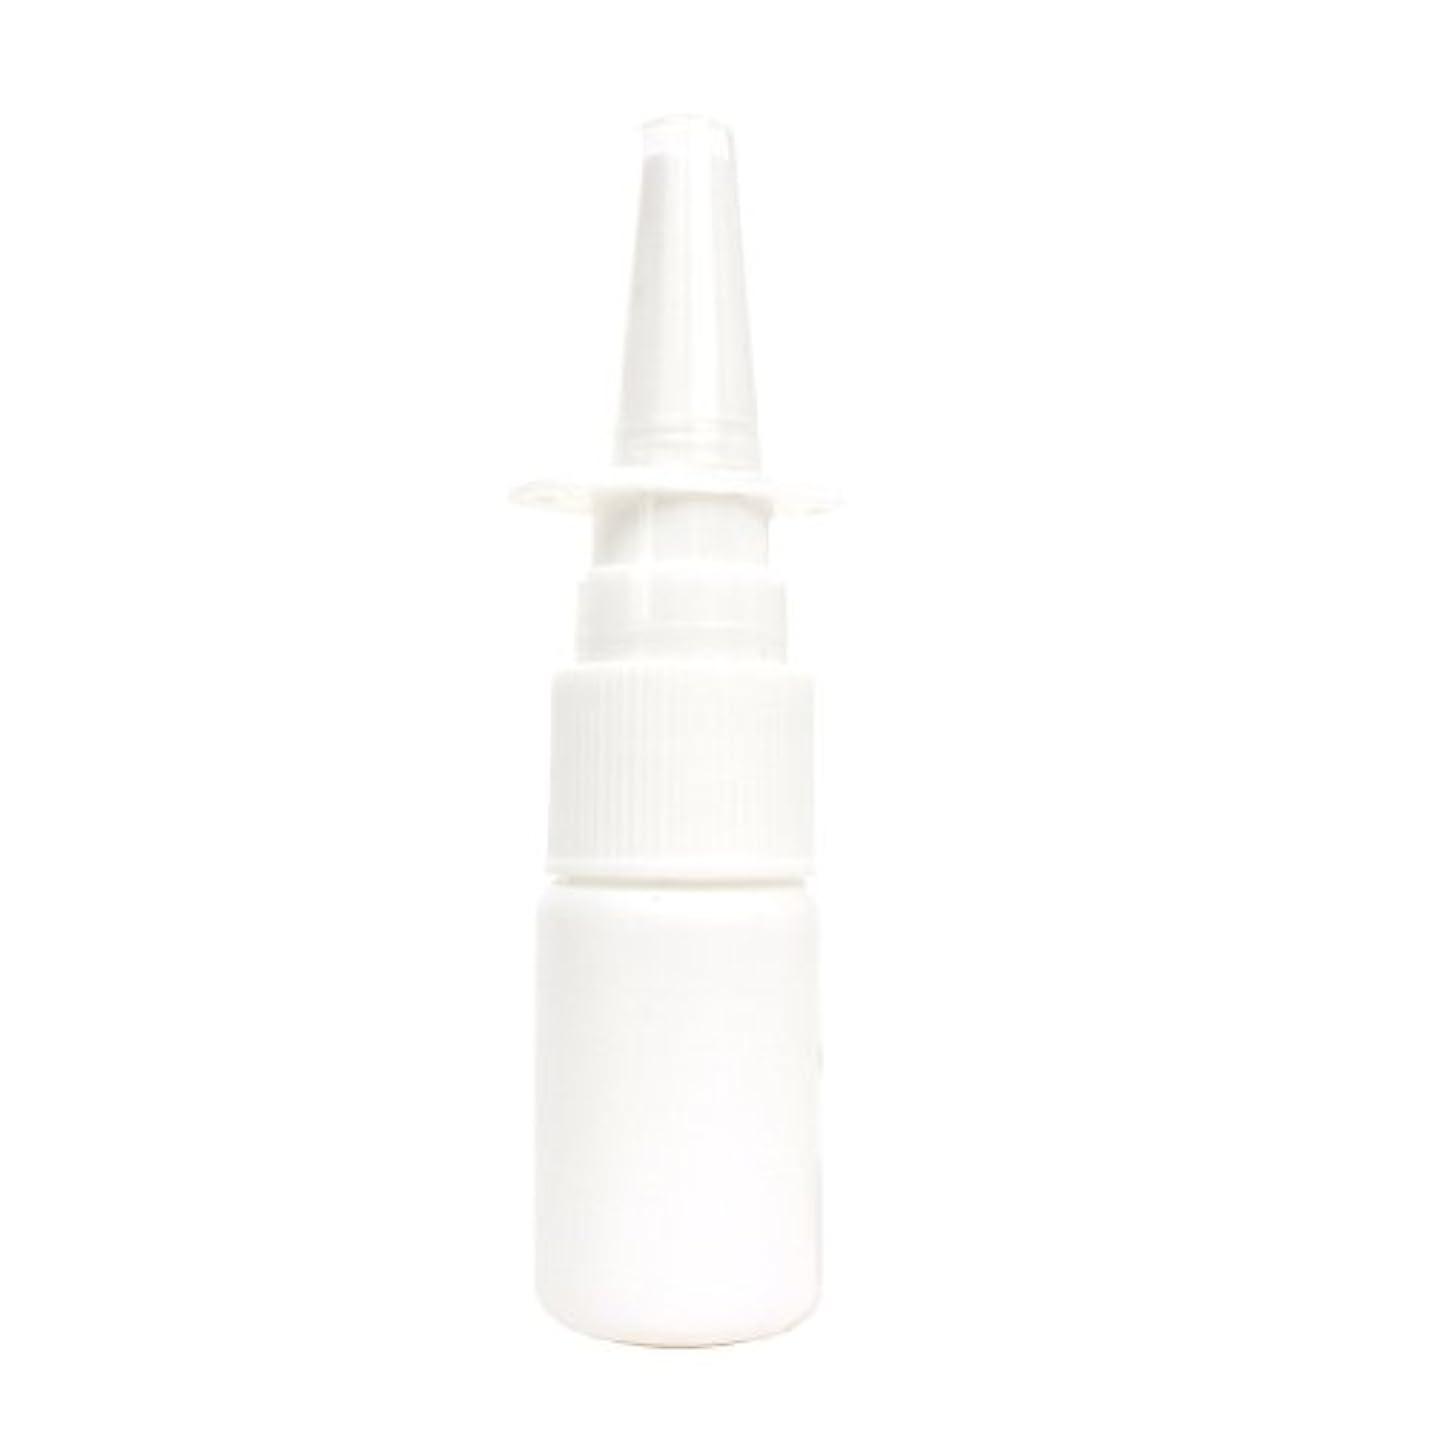 注目すべき唇マニフェスト乳白色の点鼻スプレーボトル 【10mL白色】 プラスチック 空容器